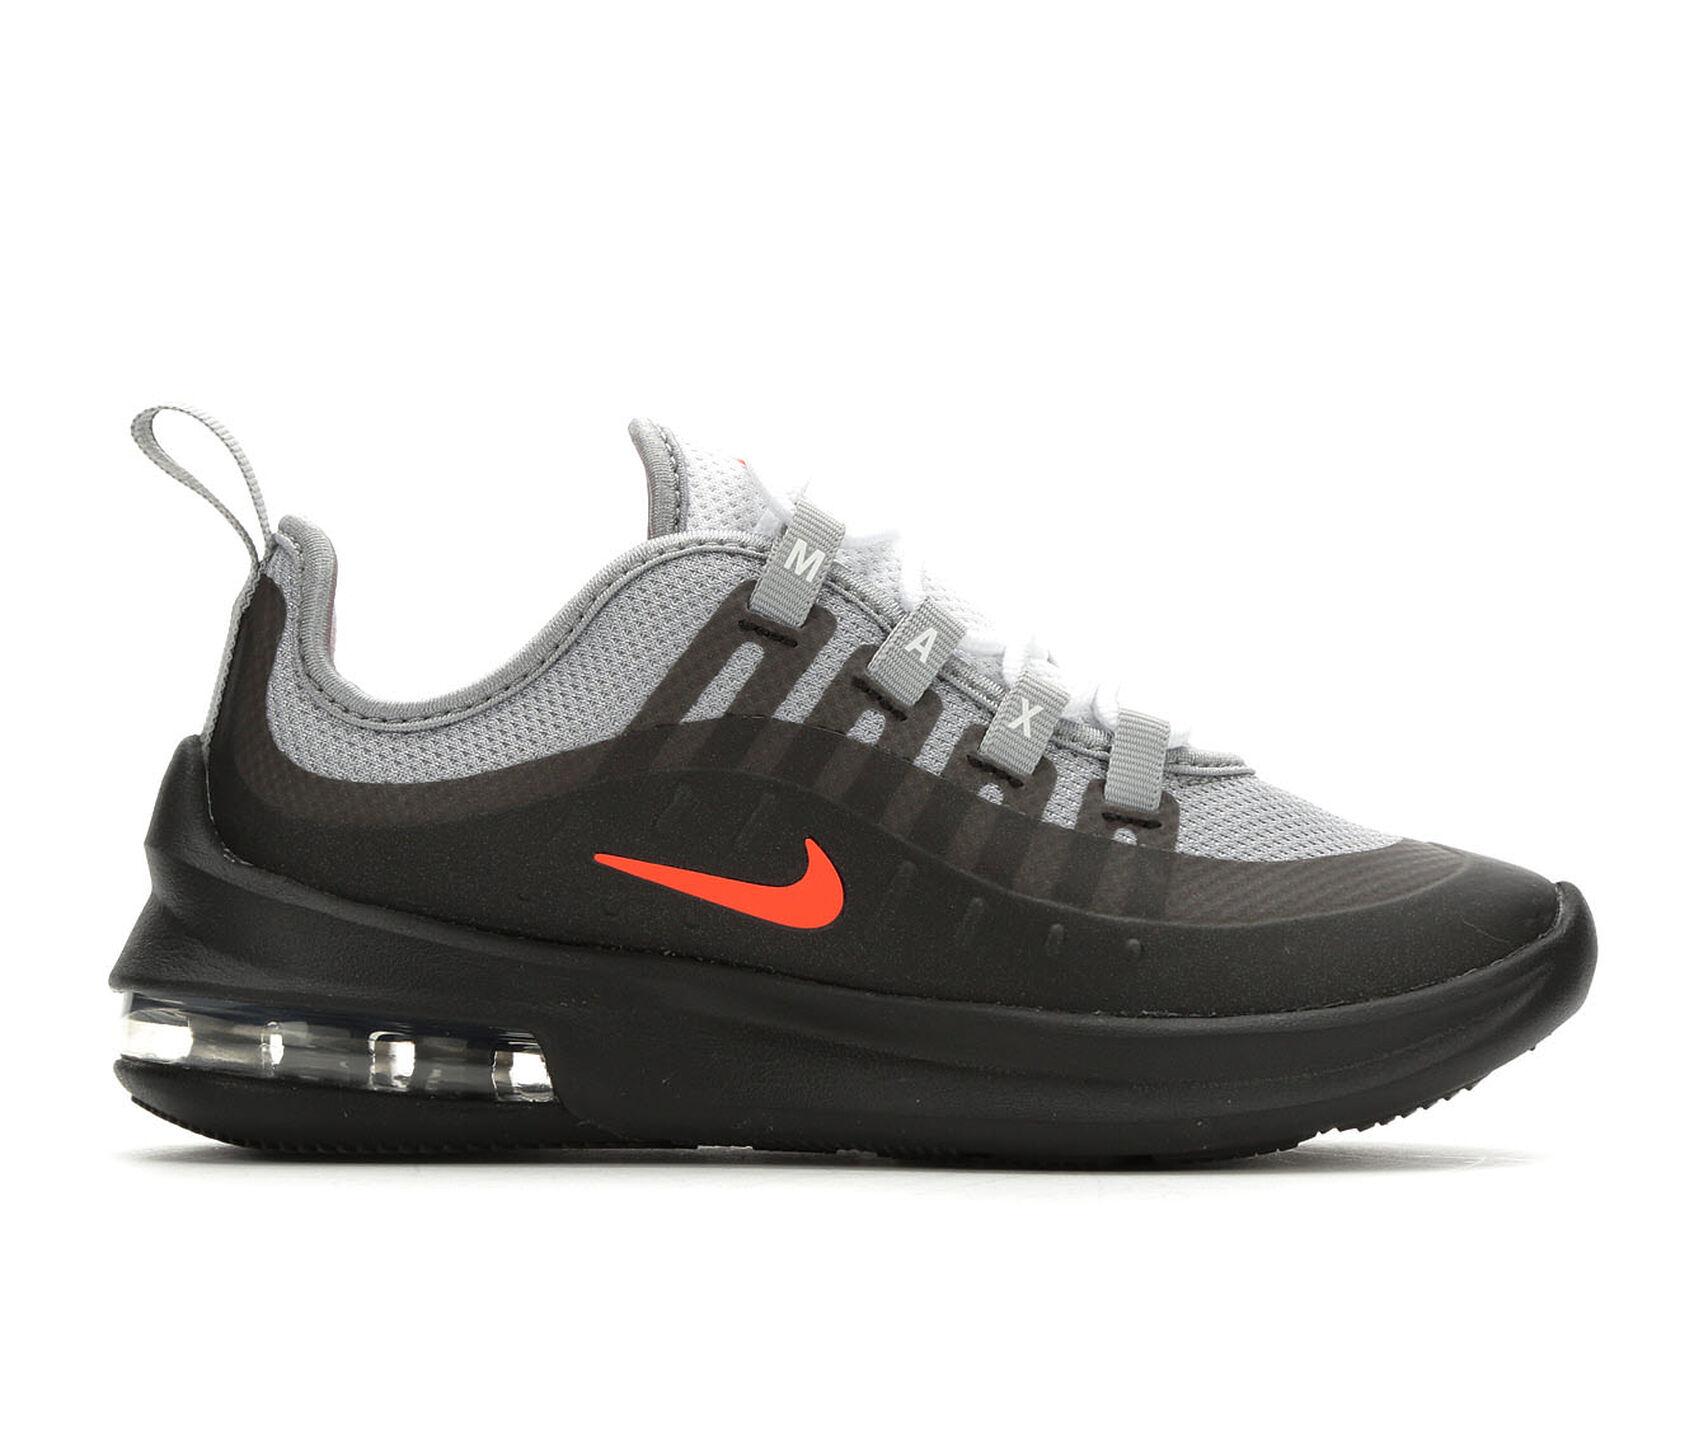 ba1ae715d13e ... Nike Little Kid Air Max Axis Running Shoes. Previous